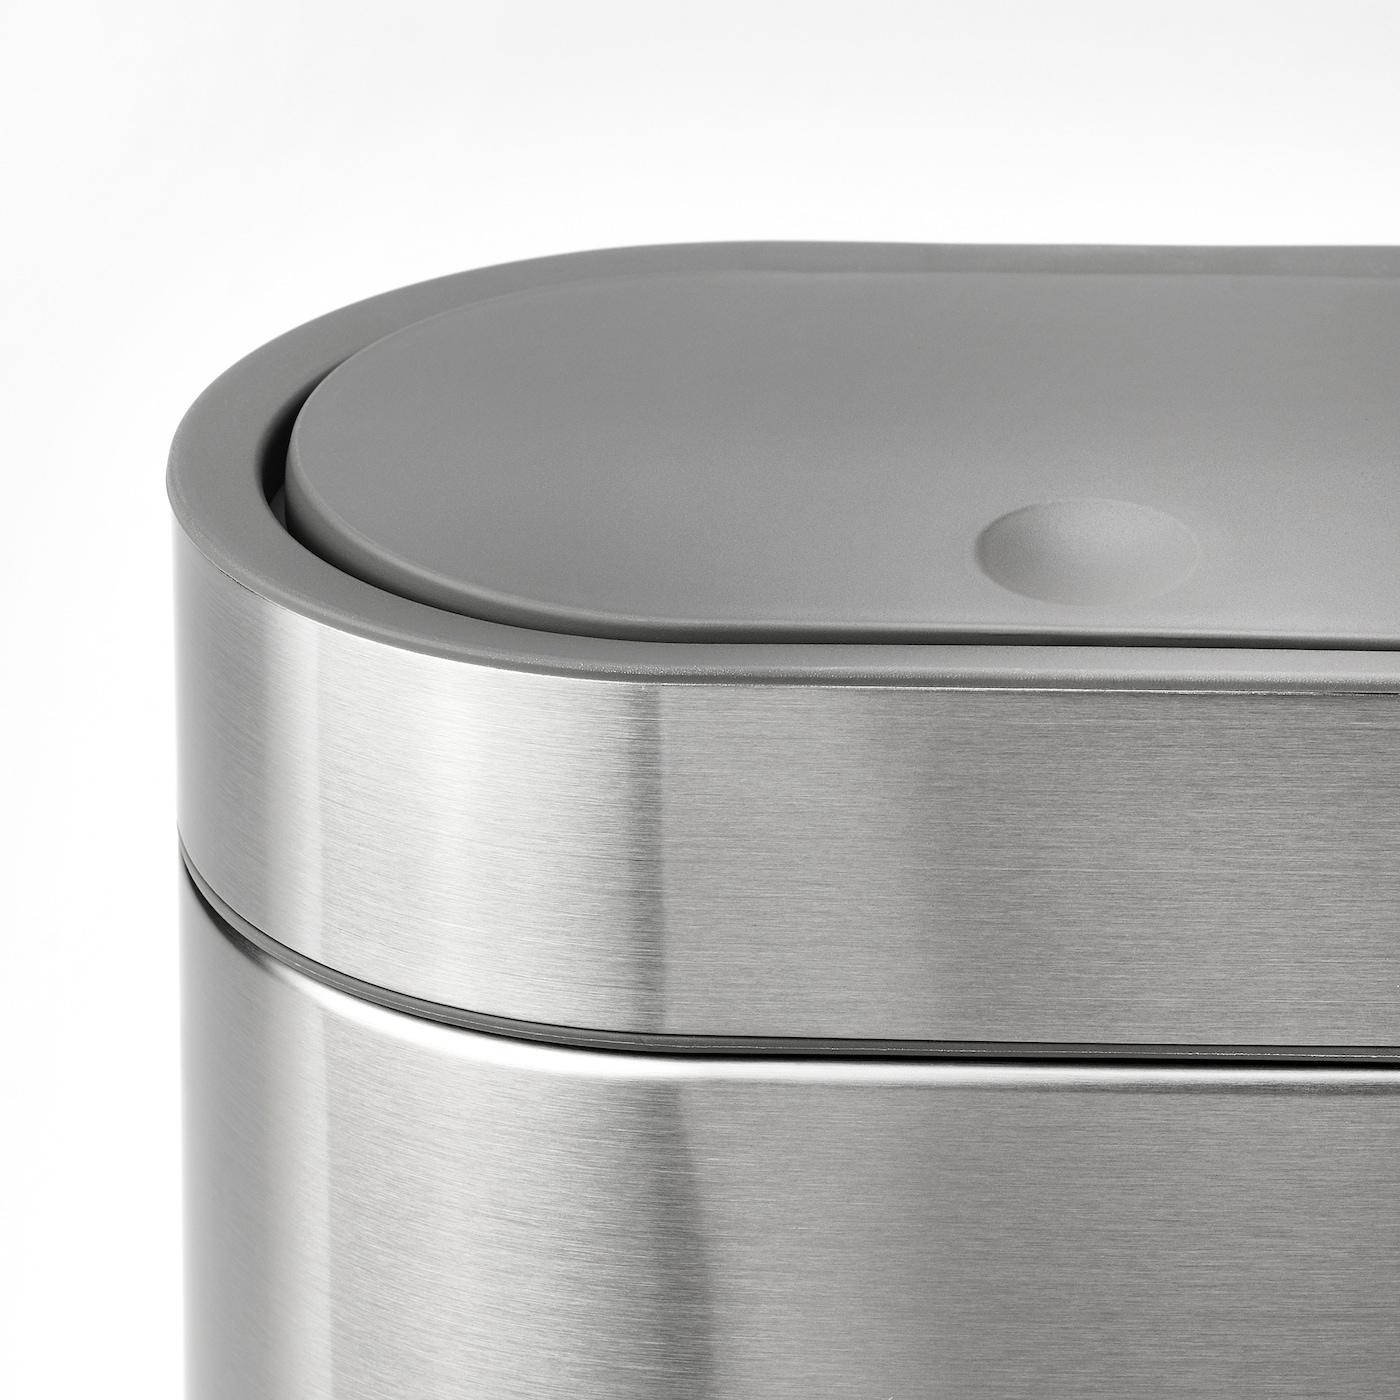 BROGRUND Abfalleimer mit Druckdeckel, Edelstahl, 4 l